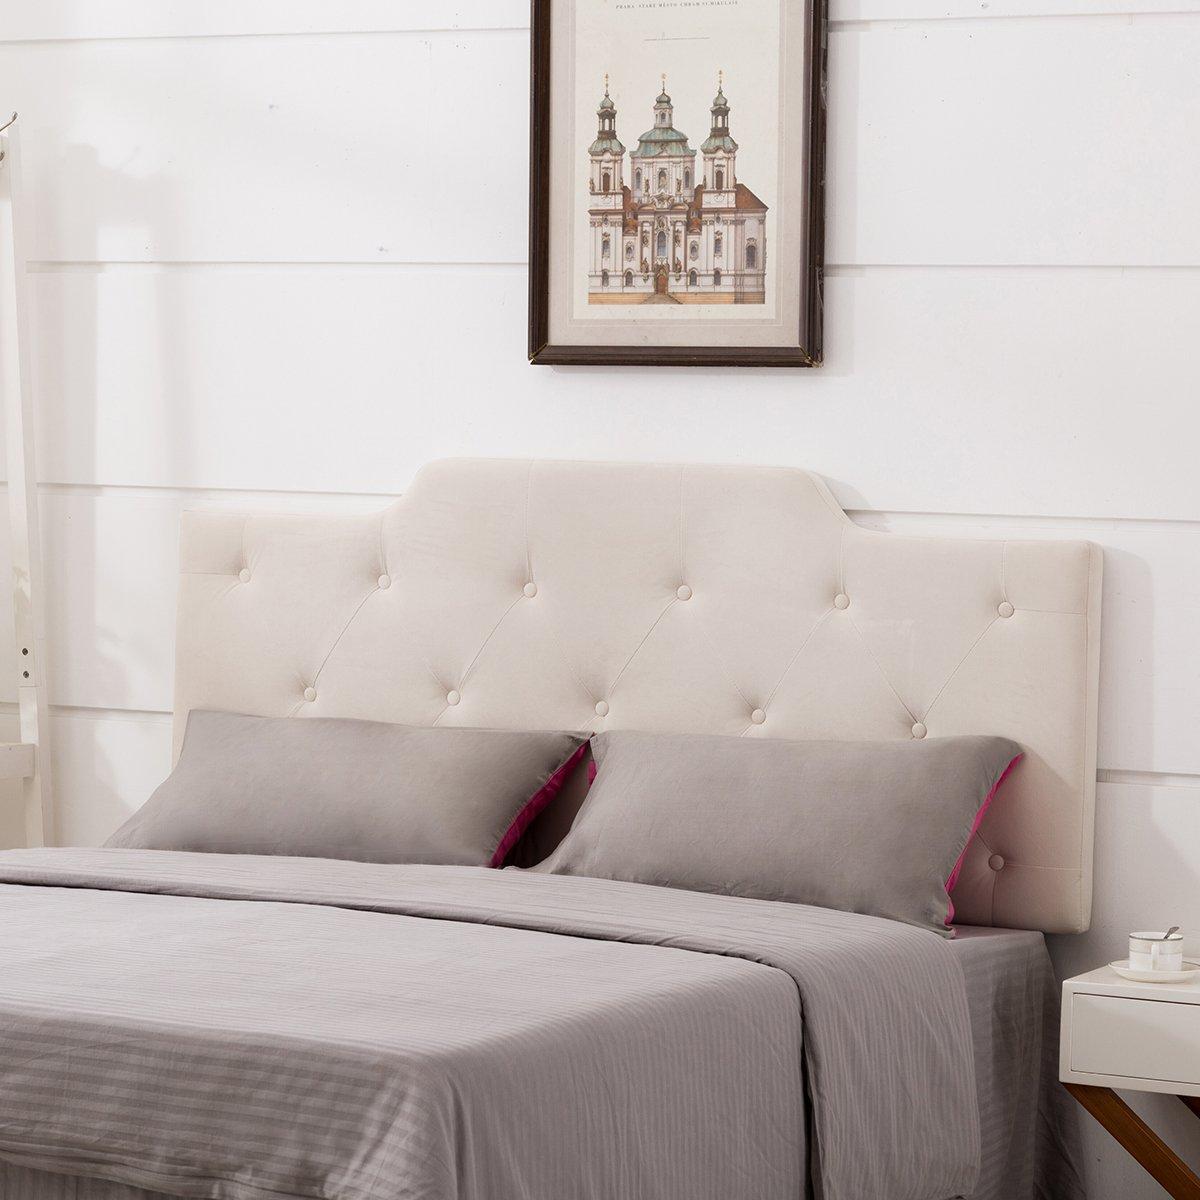 upholstered headboard velvet button tufted adjustable headboards king size 727792786621 ebay. Black Bedroom Furniture Sets. Home Design Ideas